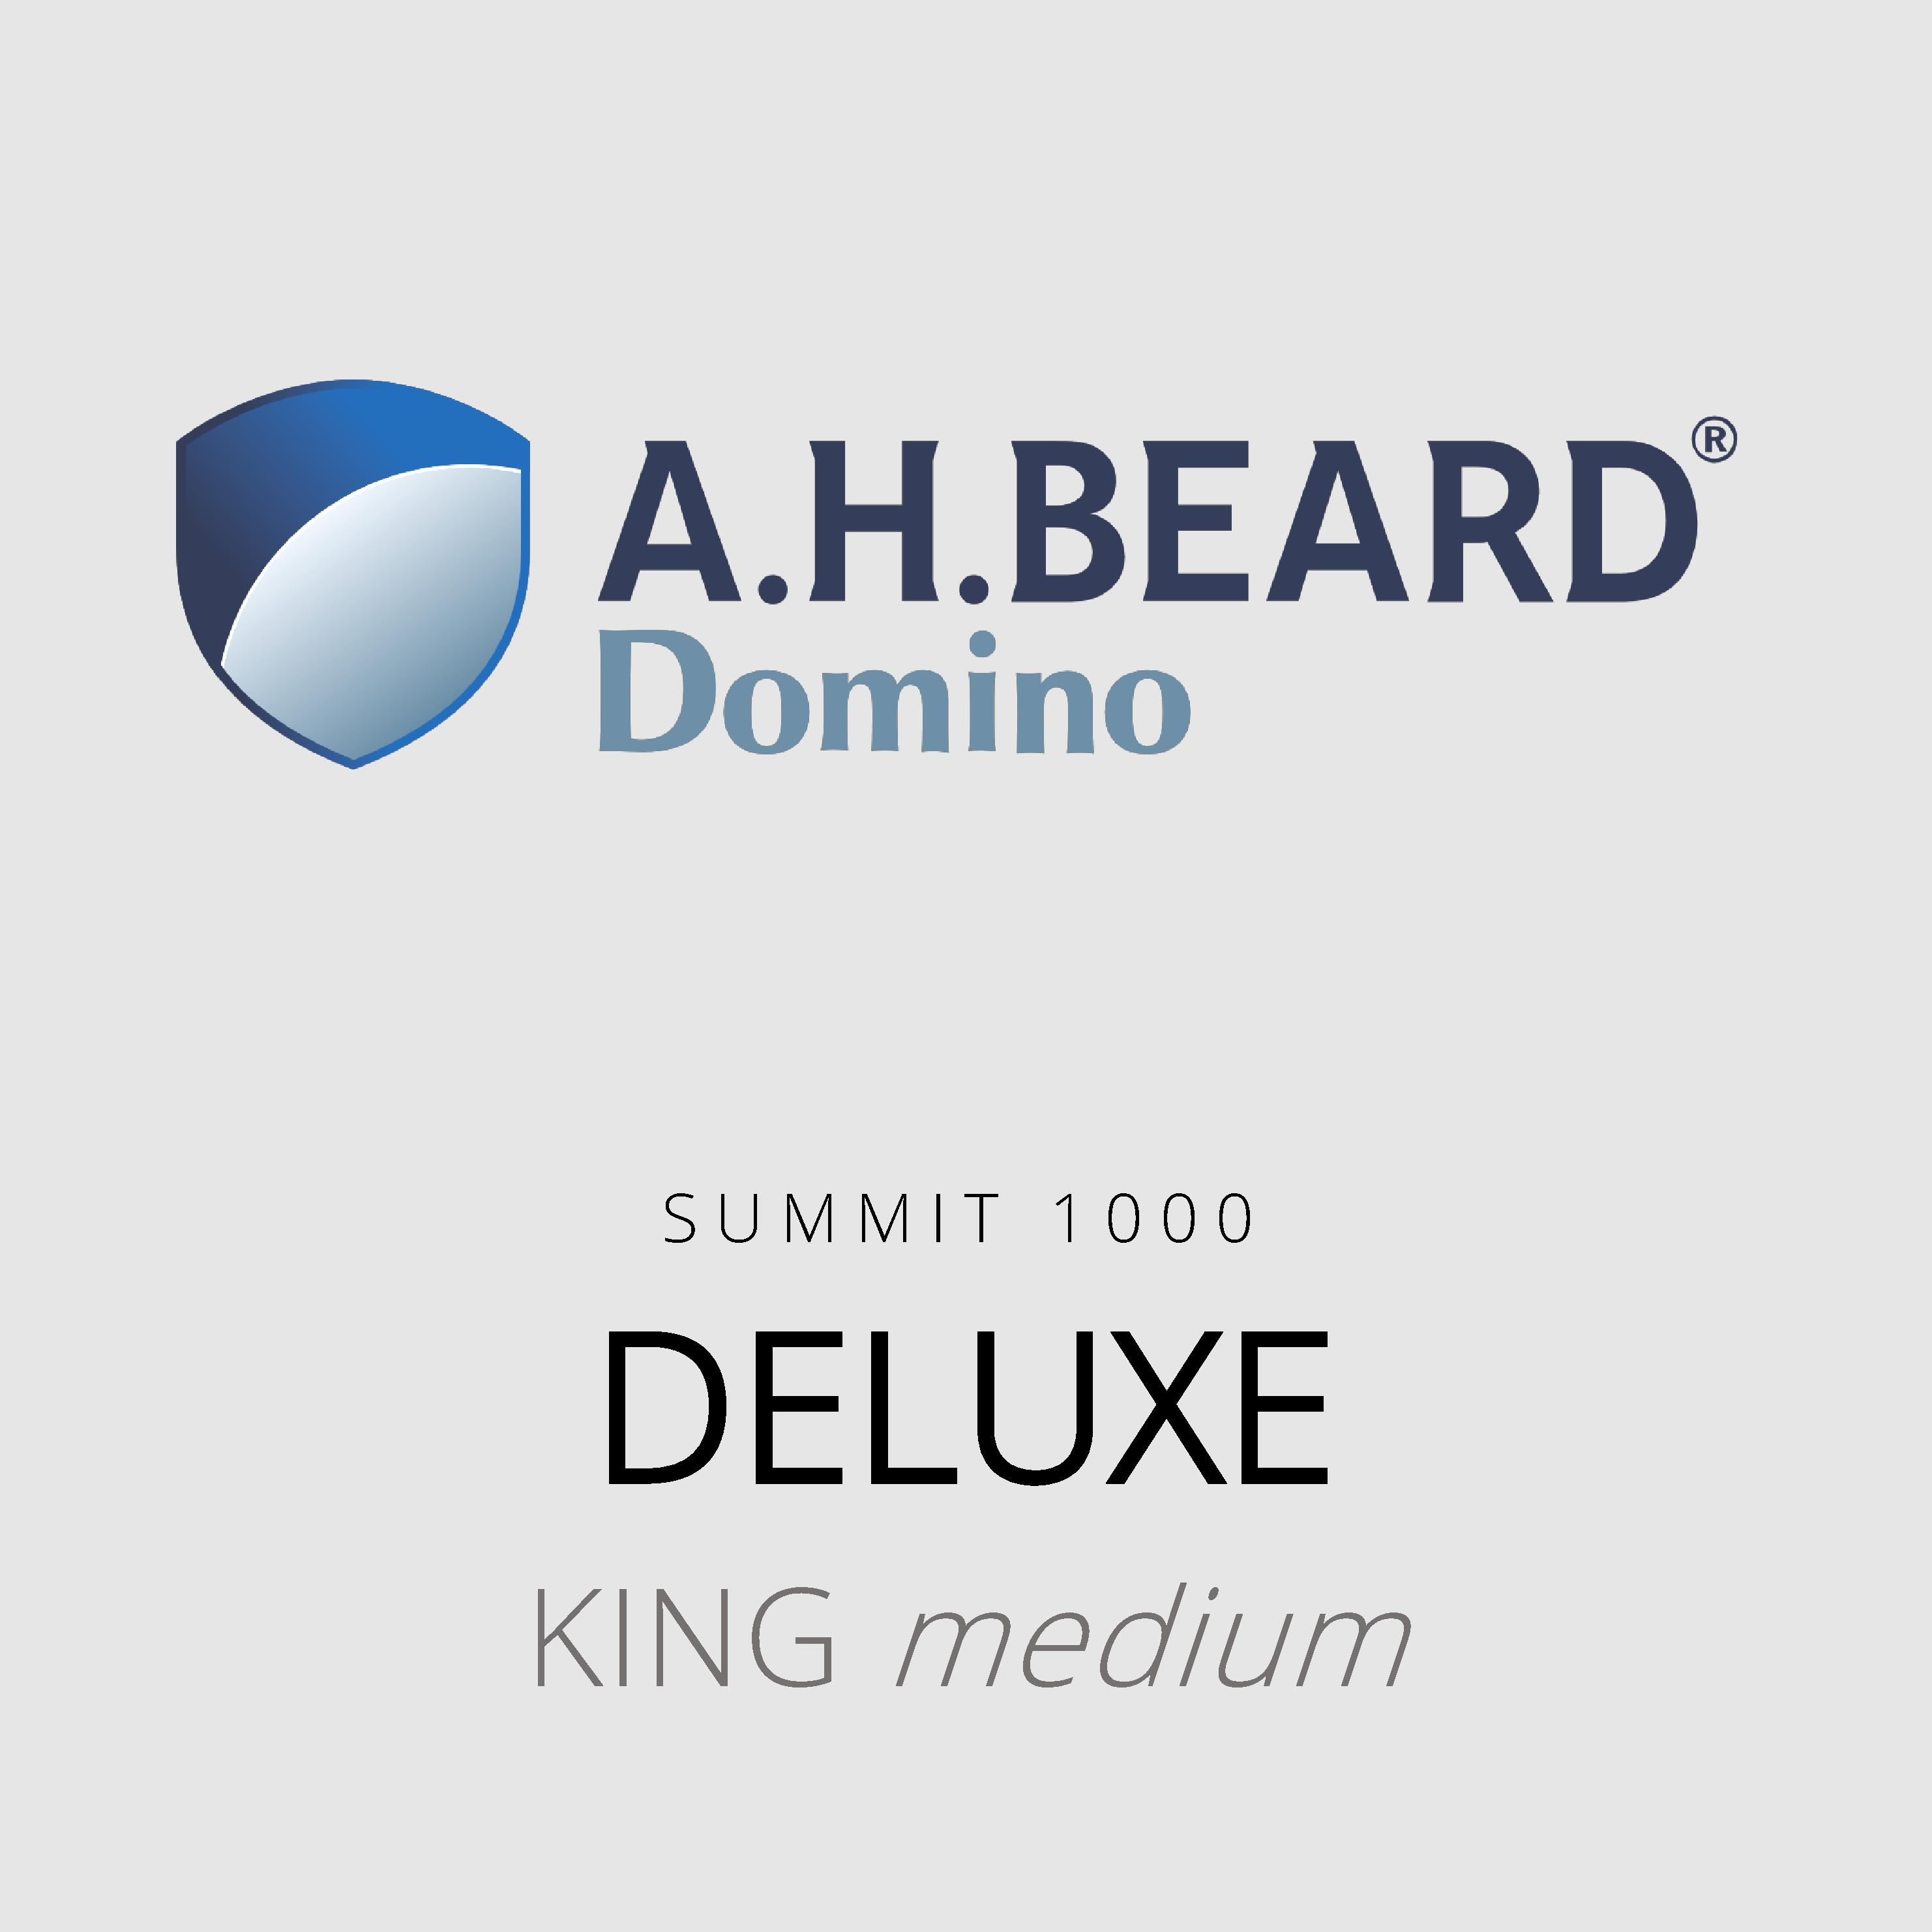 AH Beard Domino – Deluxe – Summit 1000 – King Medium Mattress